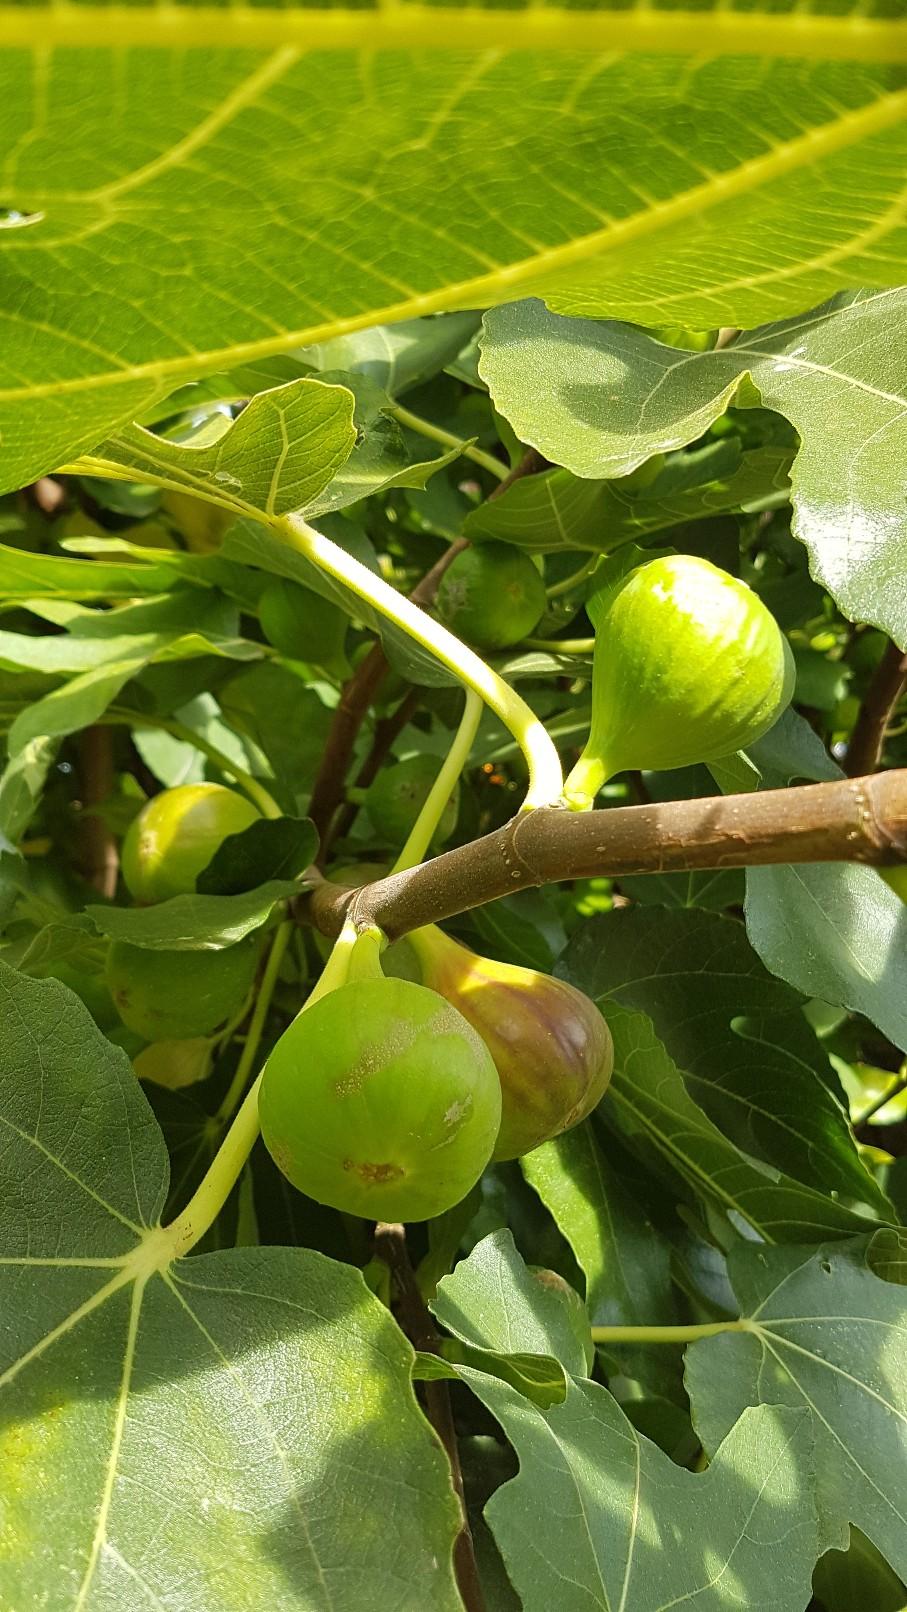 Ficus carica - figuier commun 20180997